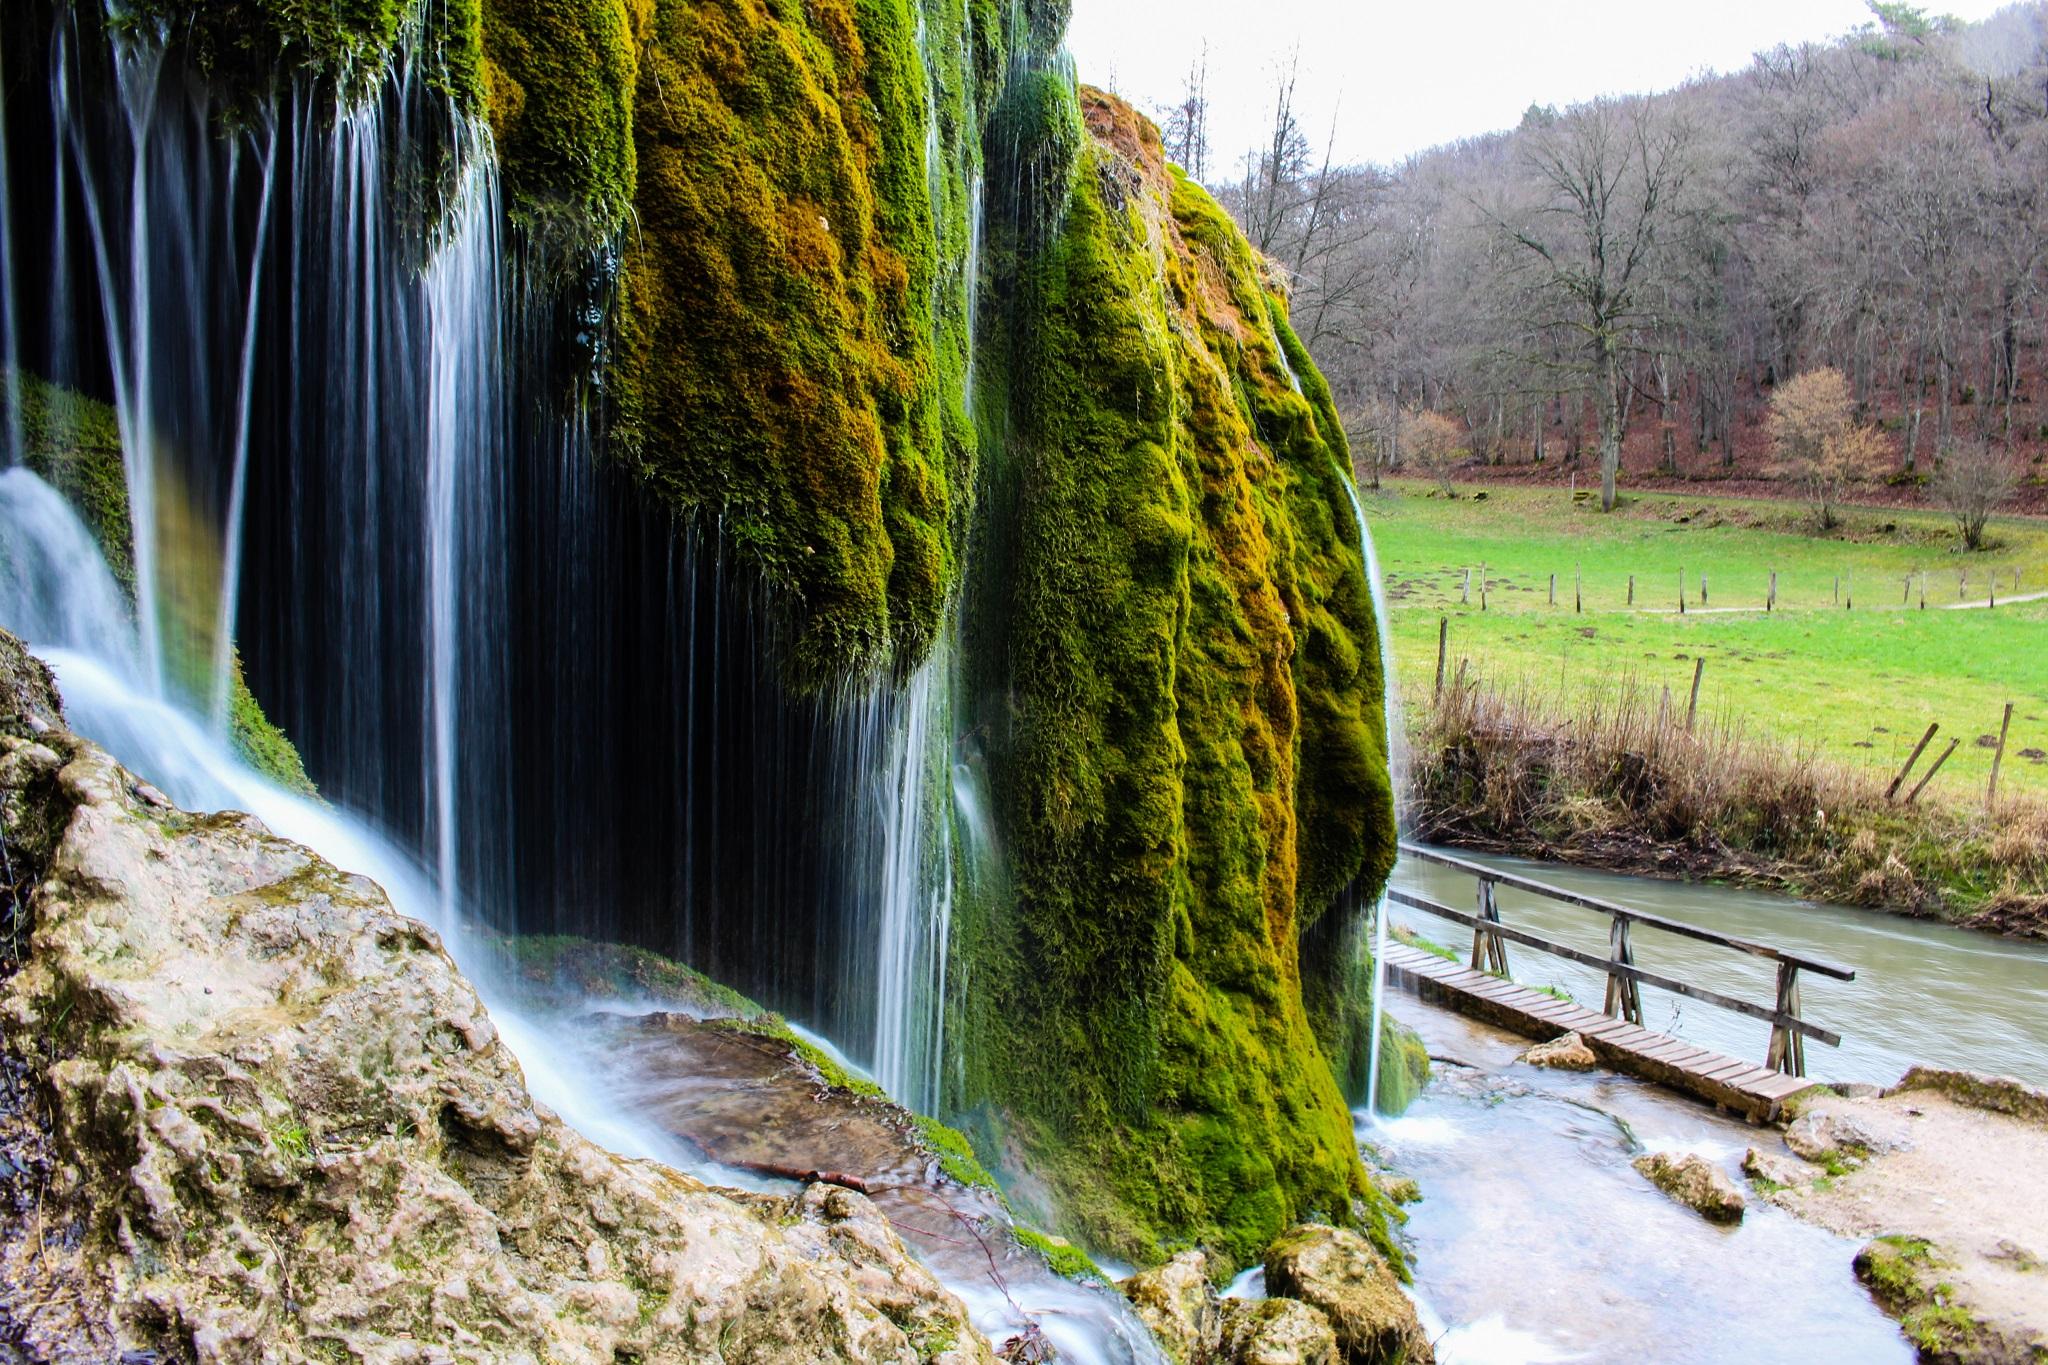 Wasserfall Dreimühlen, Nohn, Germany